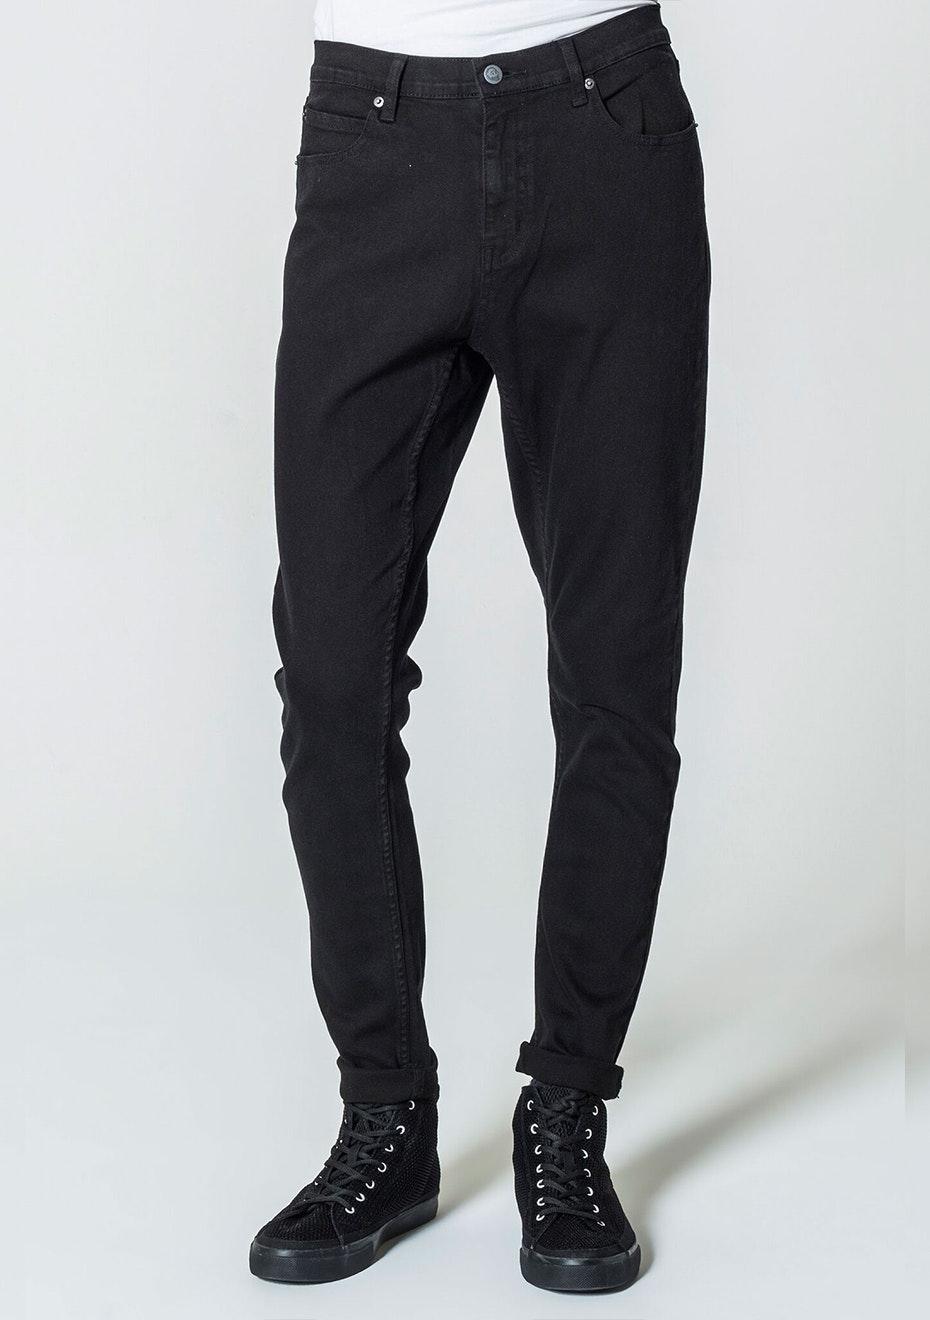 Cheap Monday - Mens - Dropped - New Black 32 Leg